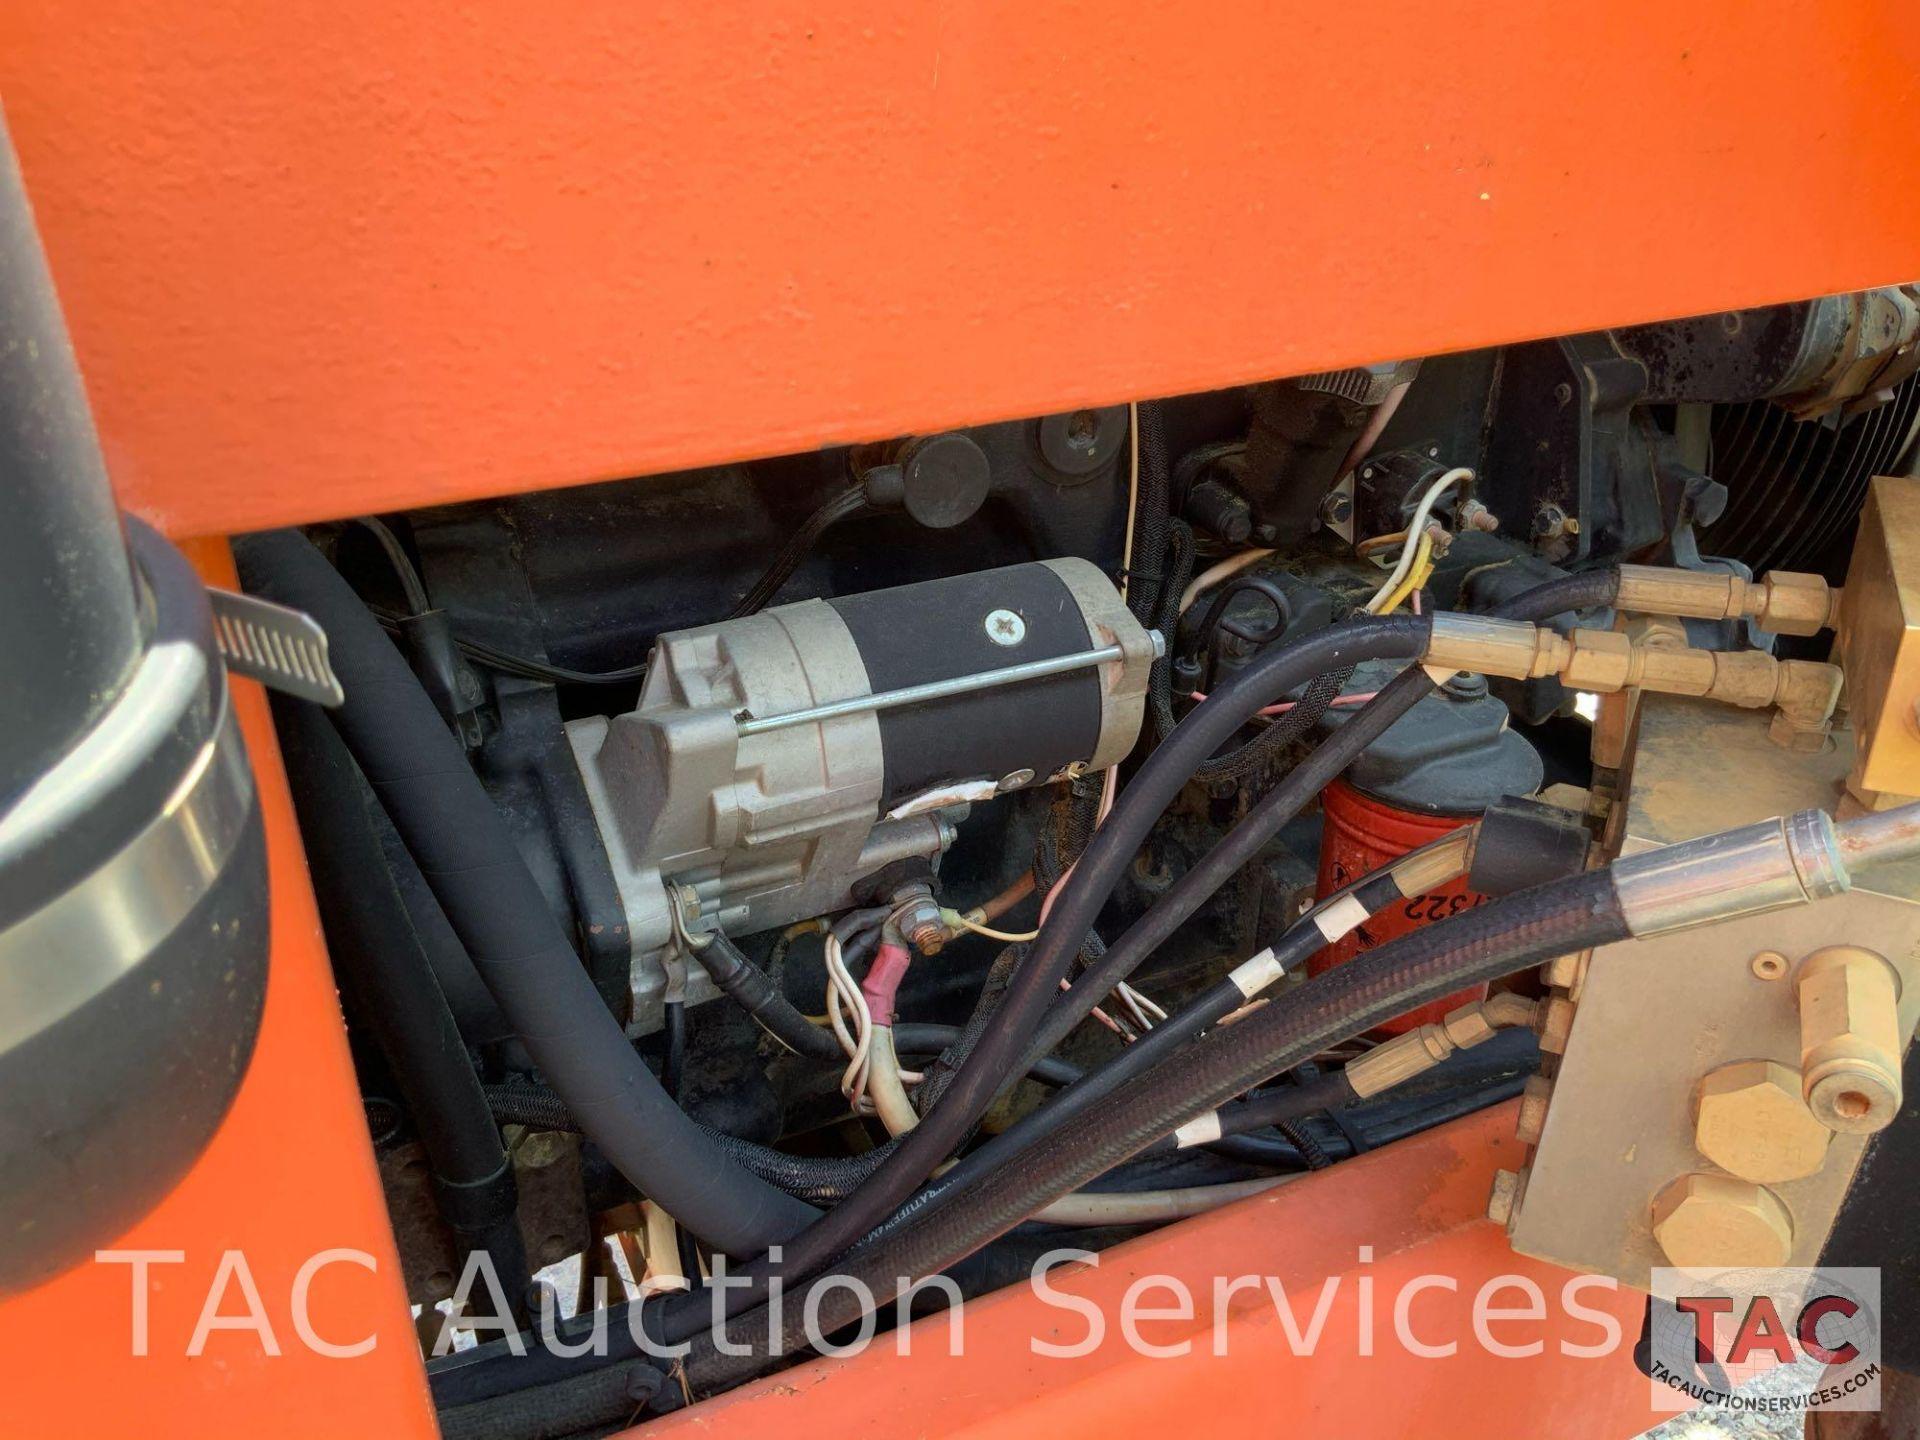 2007 JLG LULL Telehander Forklift - Image 20 of 25